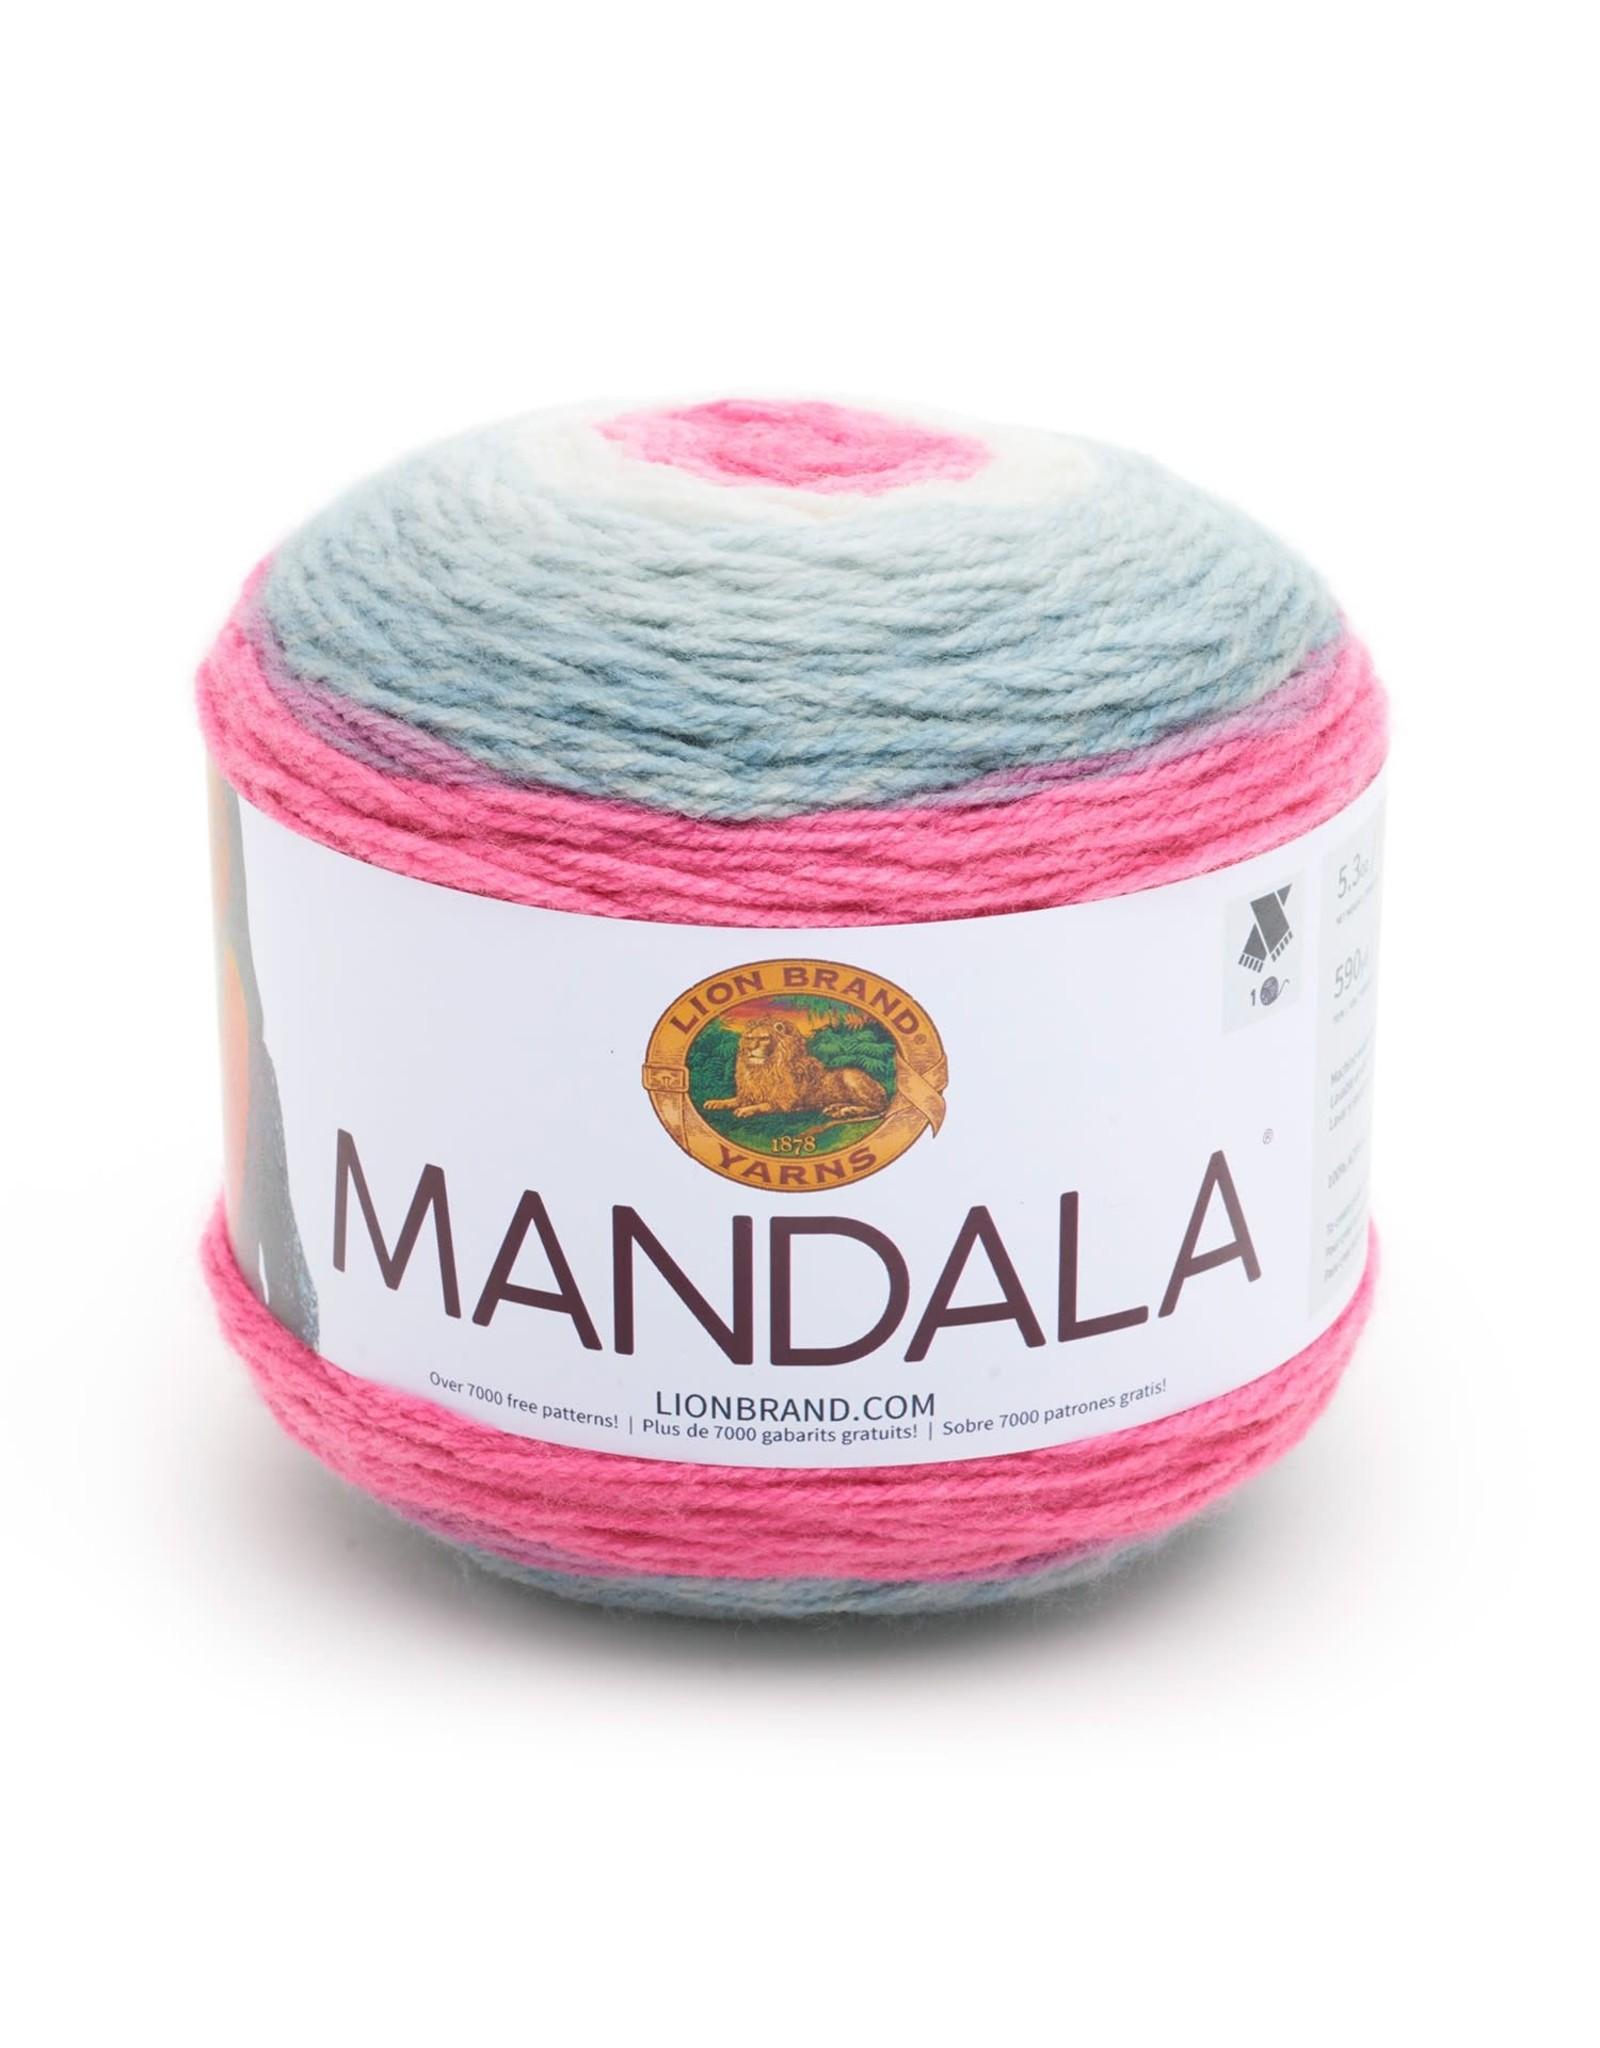 Unicorn - Mandala - Lion Brand